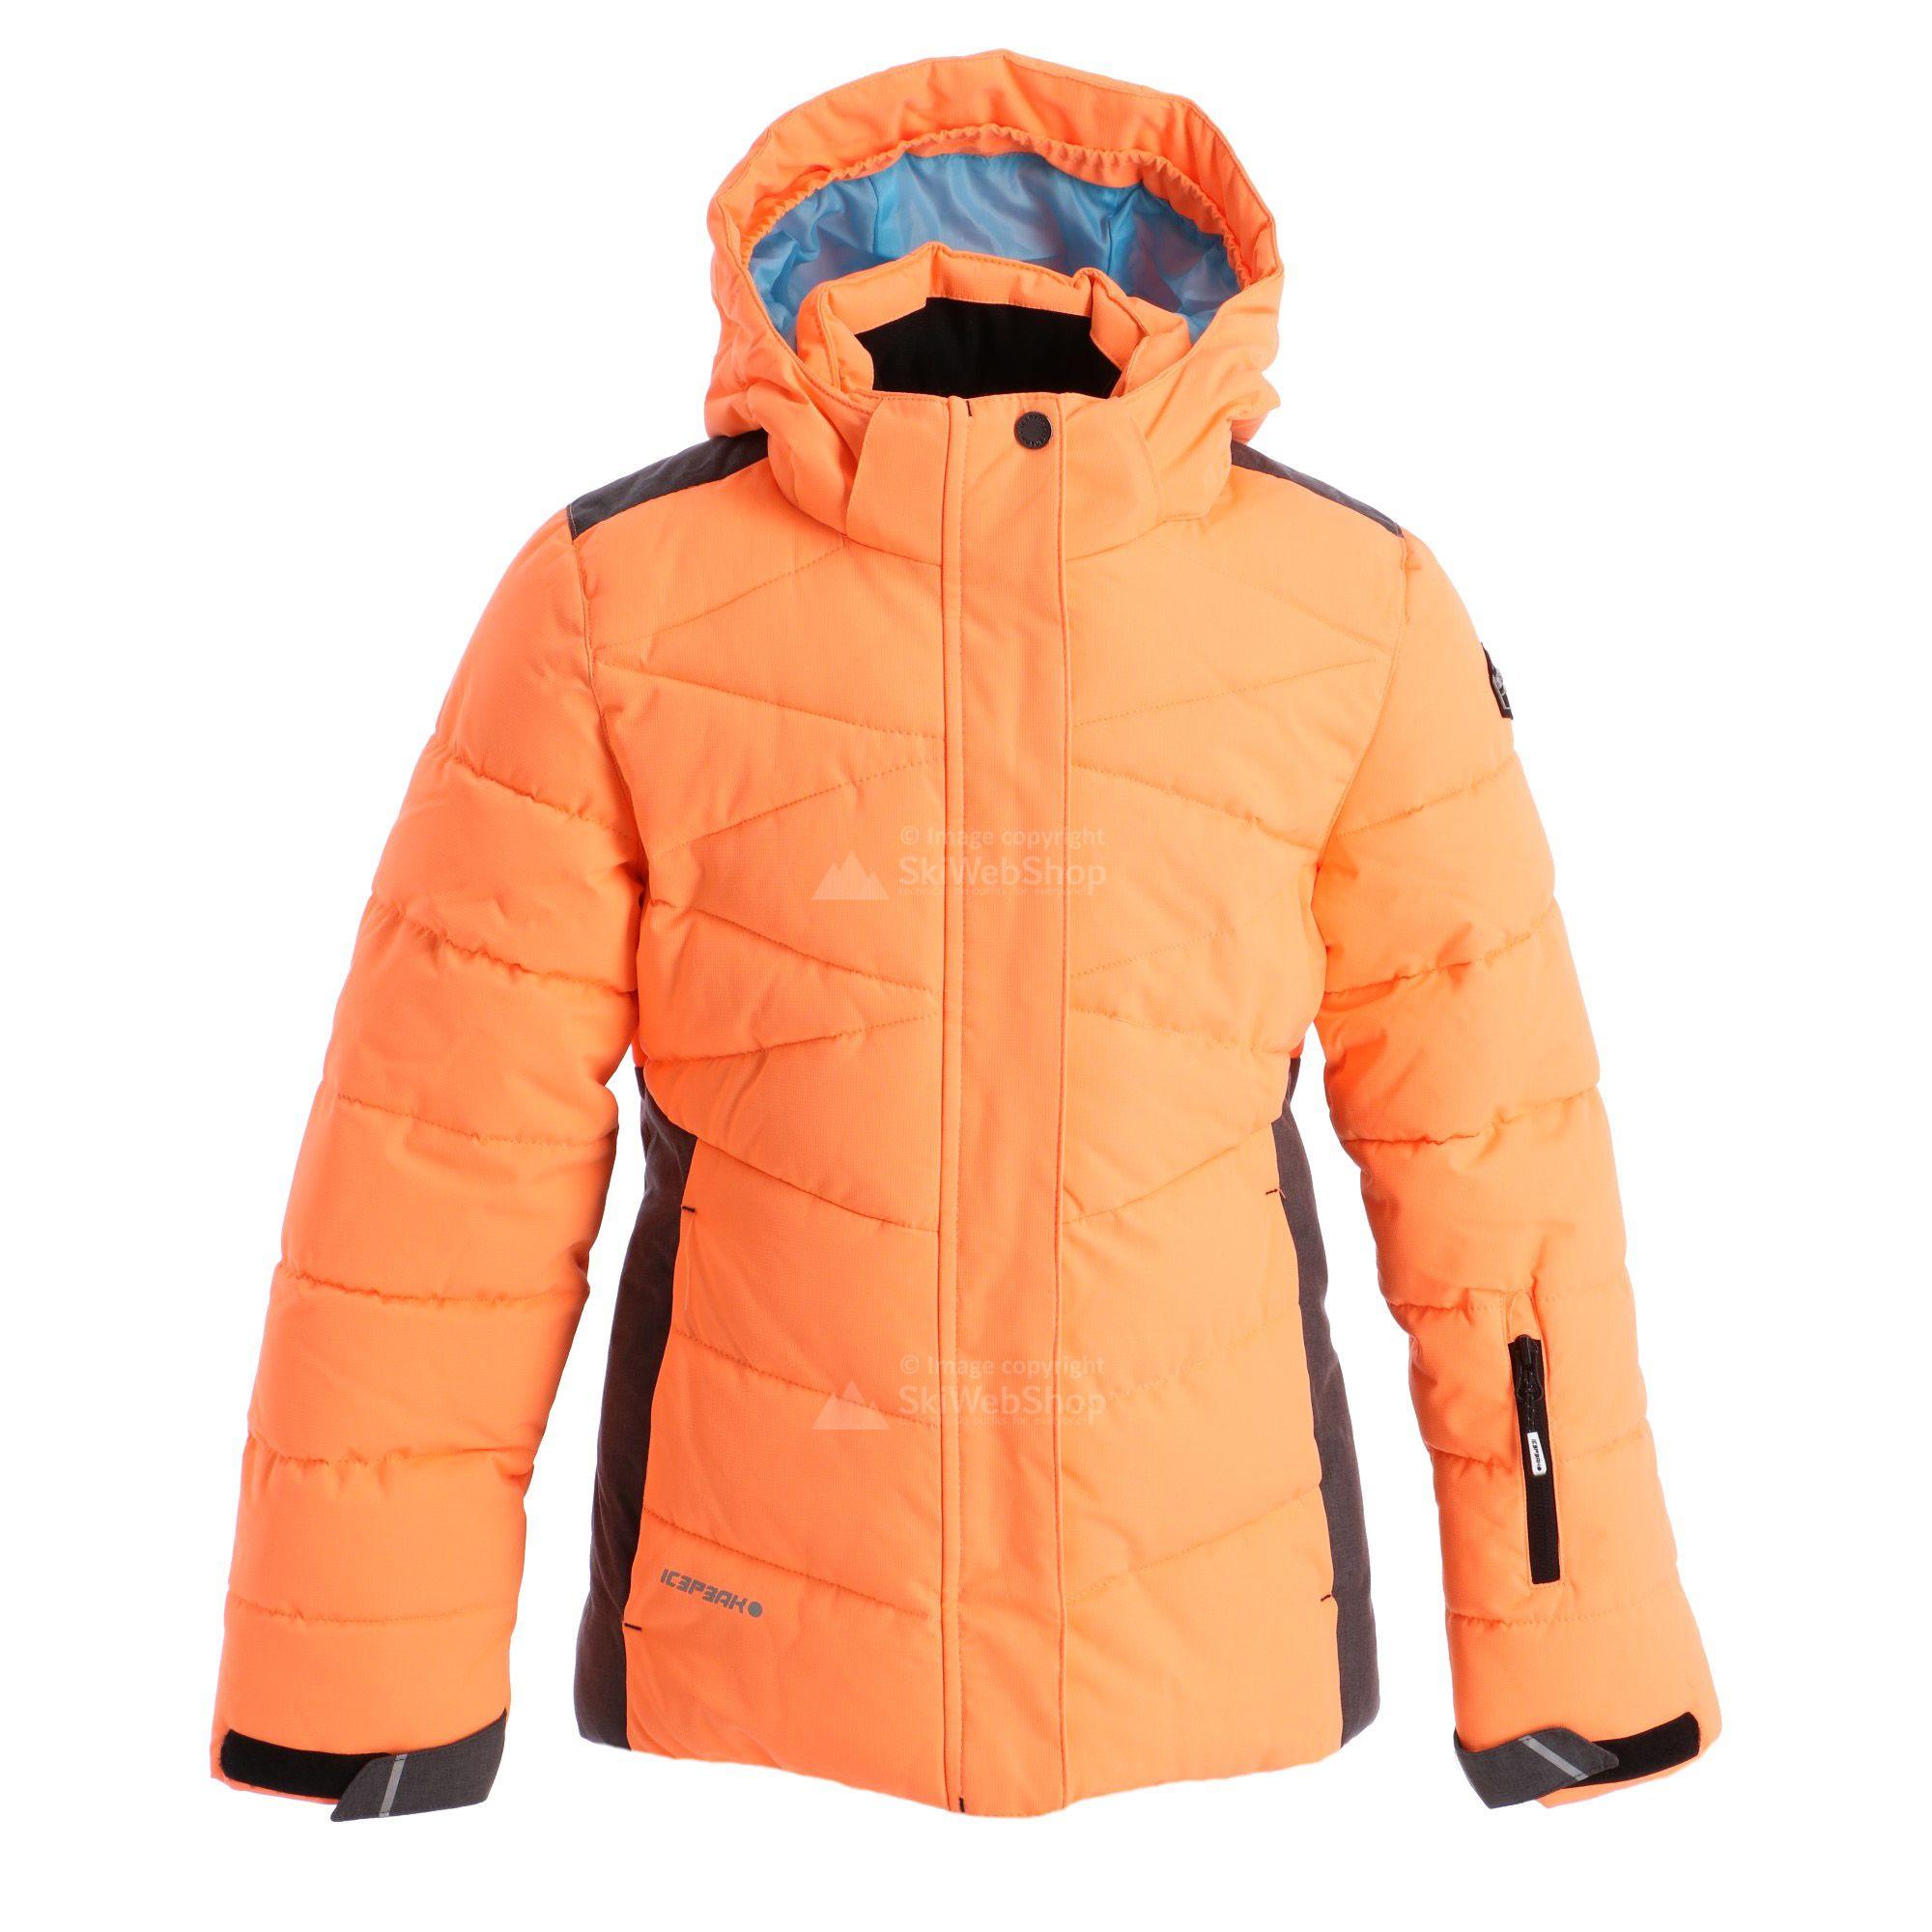 icepeak jacke orange kinder